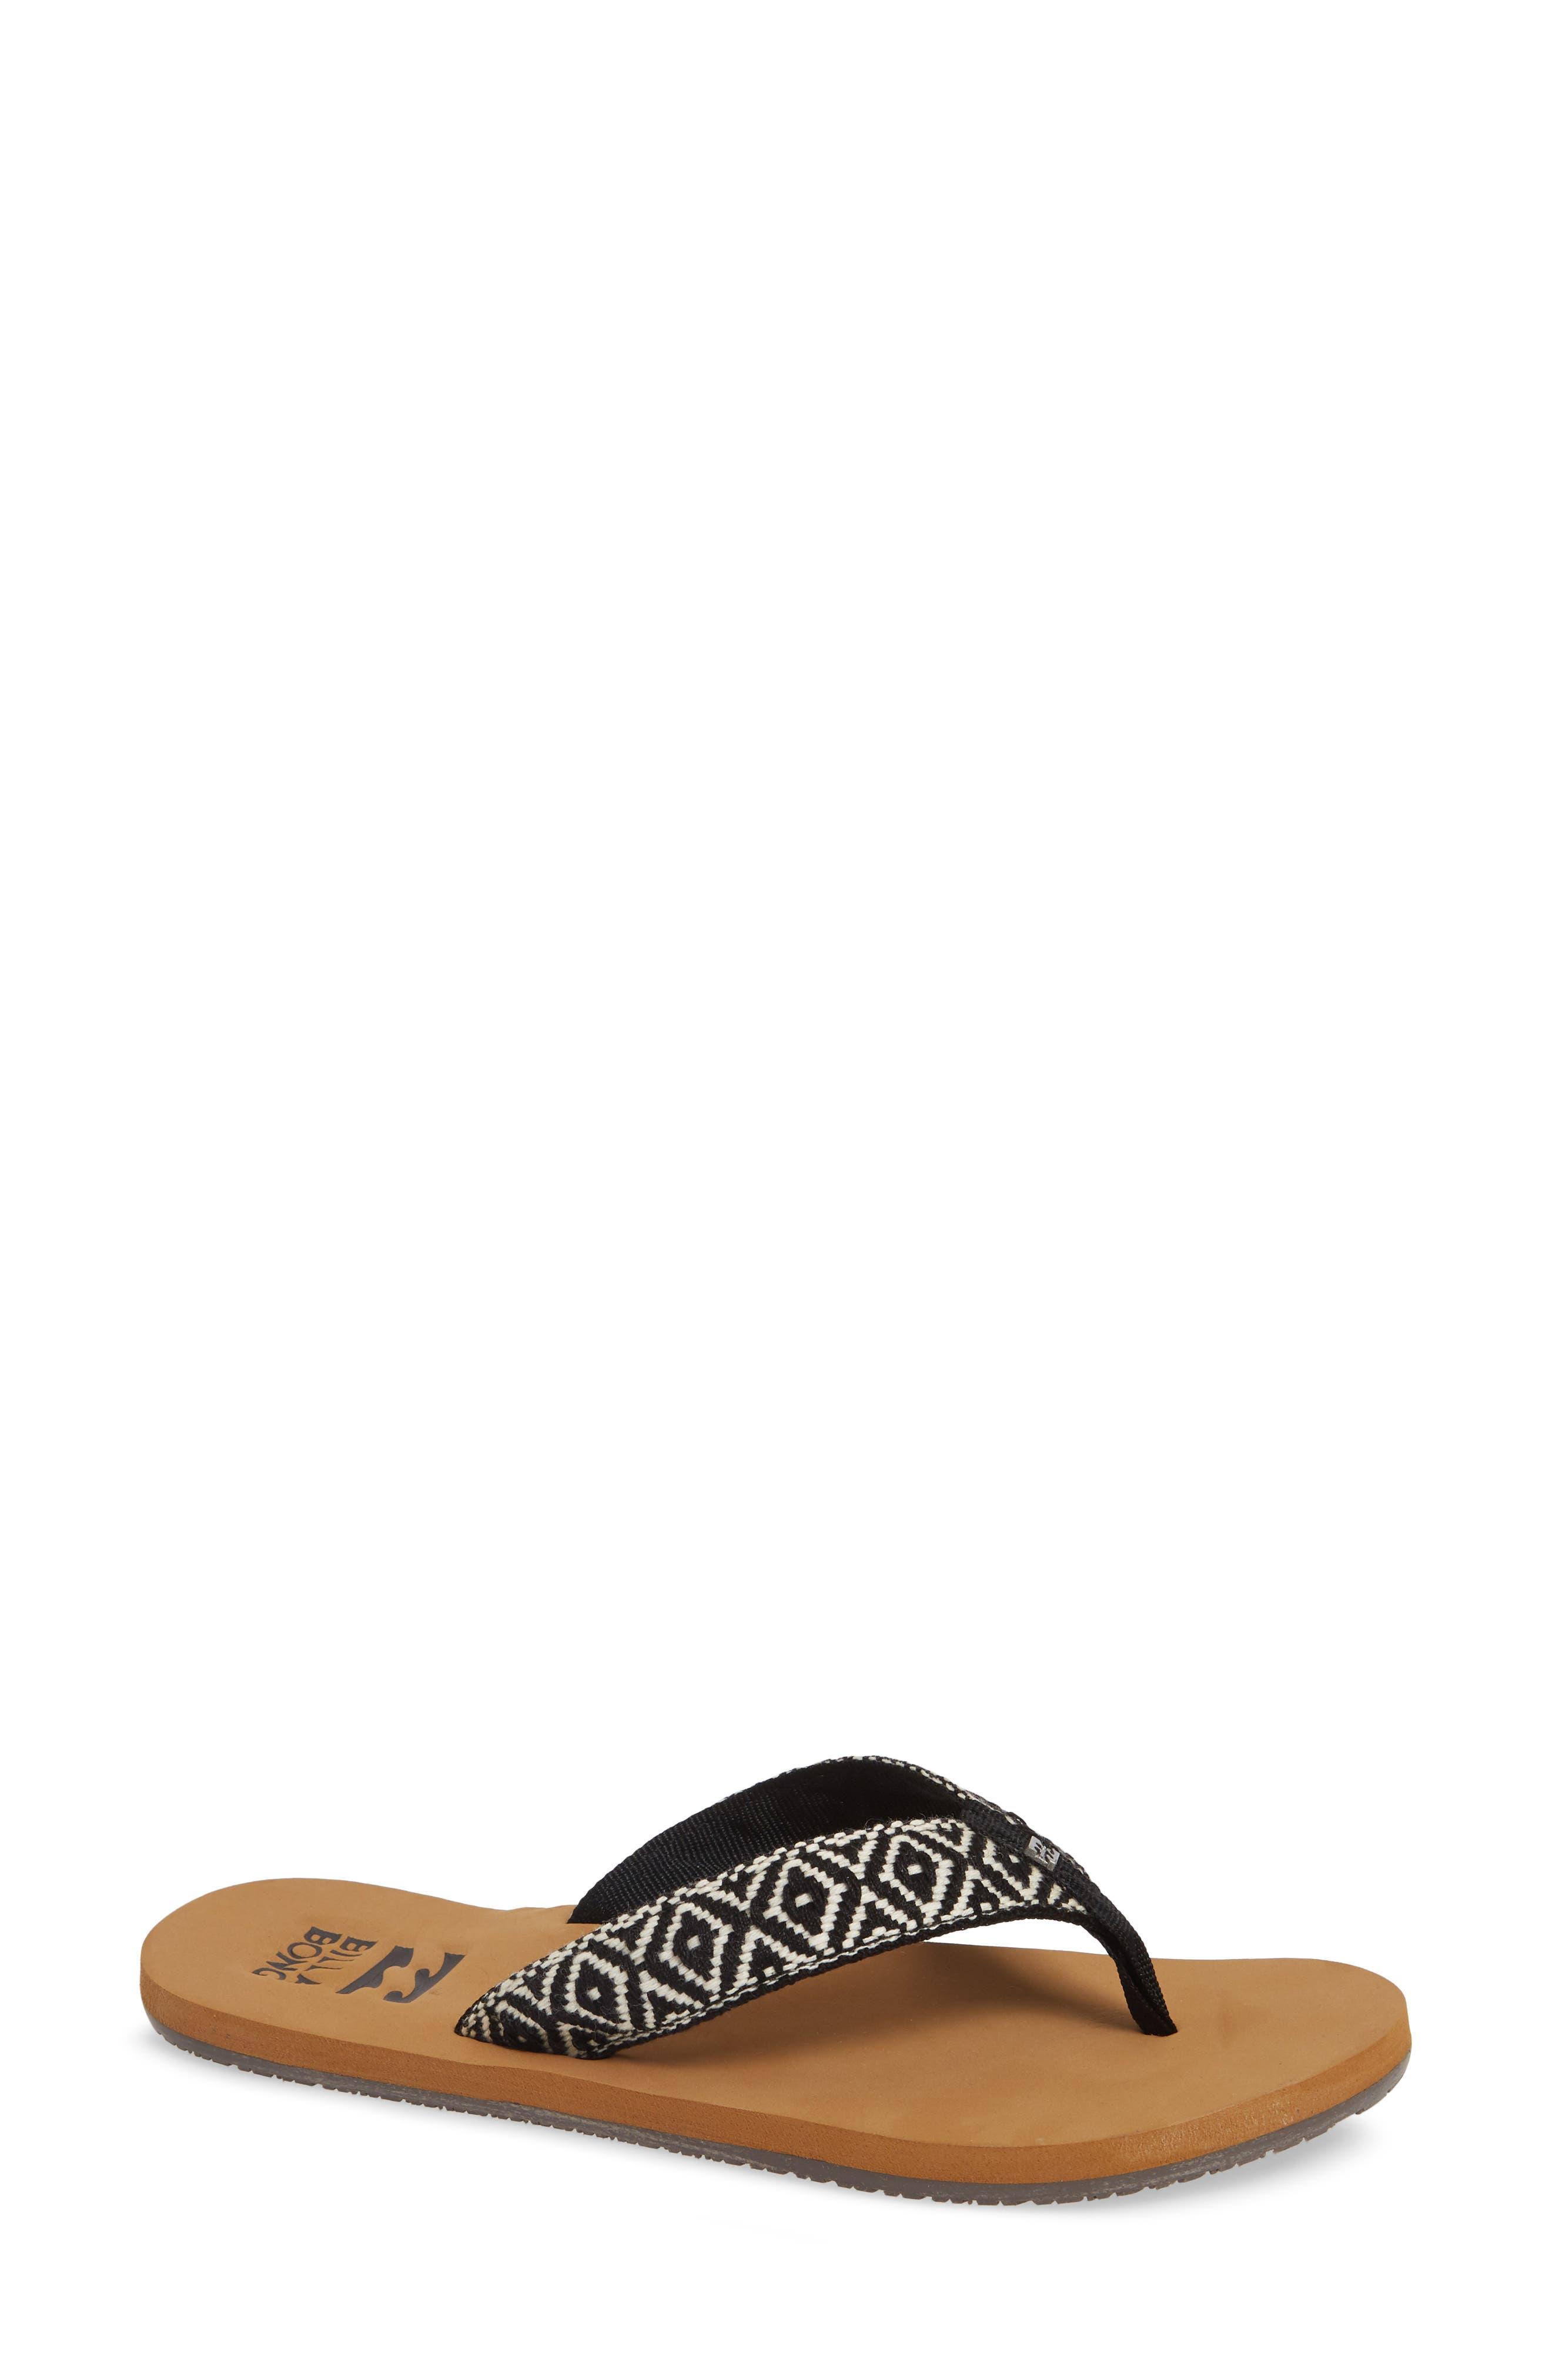 Baja Flip Flop,                         Main,                         color, BLACK/ WHITE